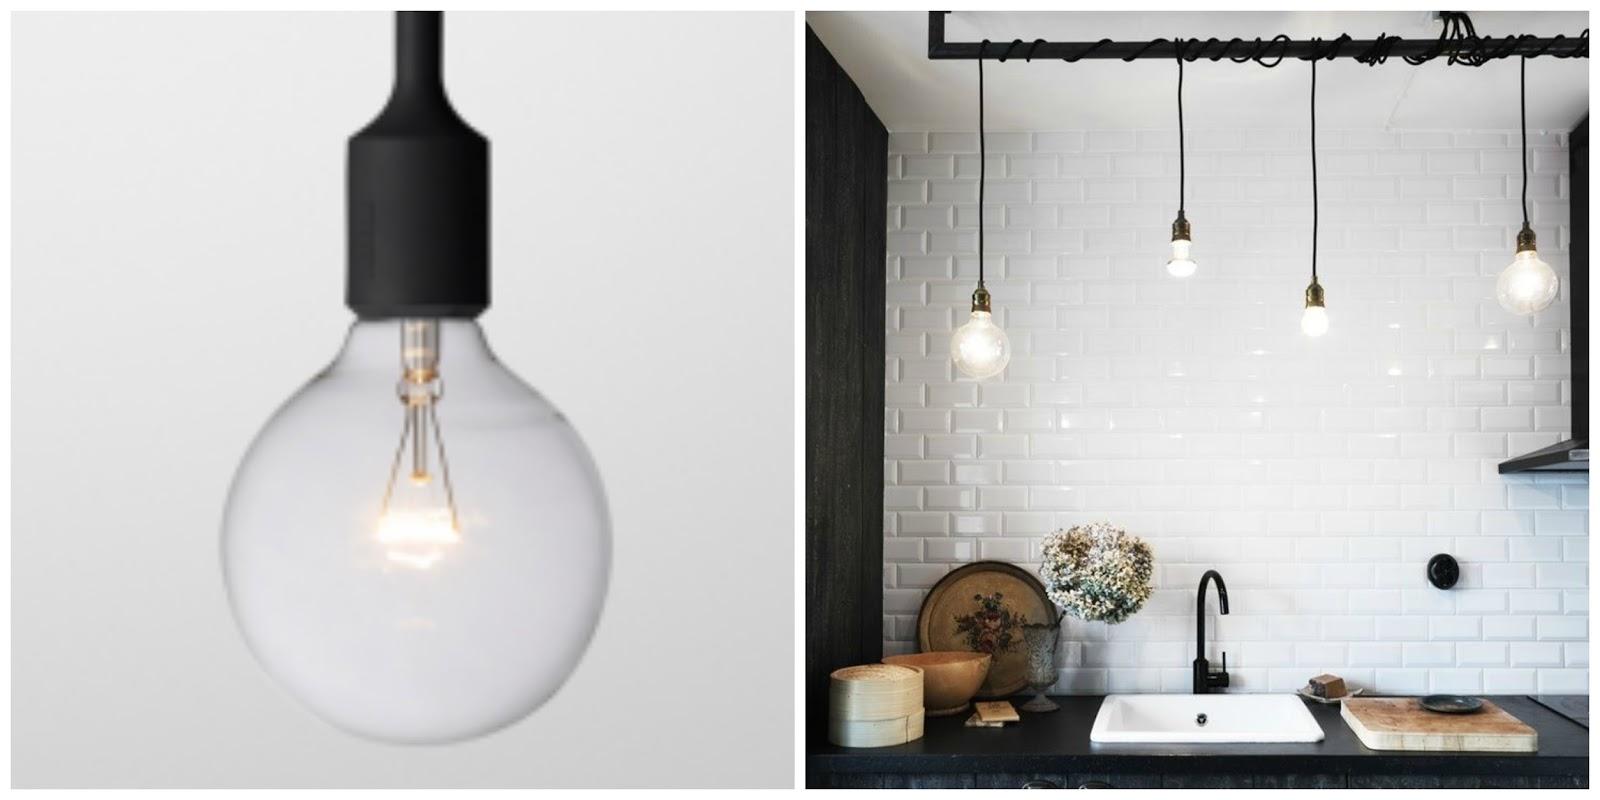 Lys Under Overskap Kjokken ~ Hjemme Design og M?bler Ideer